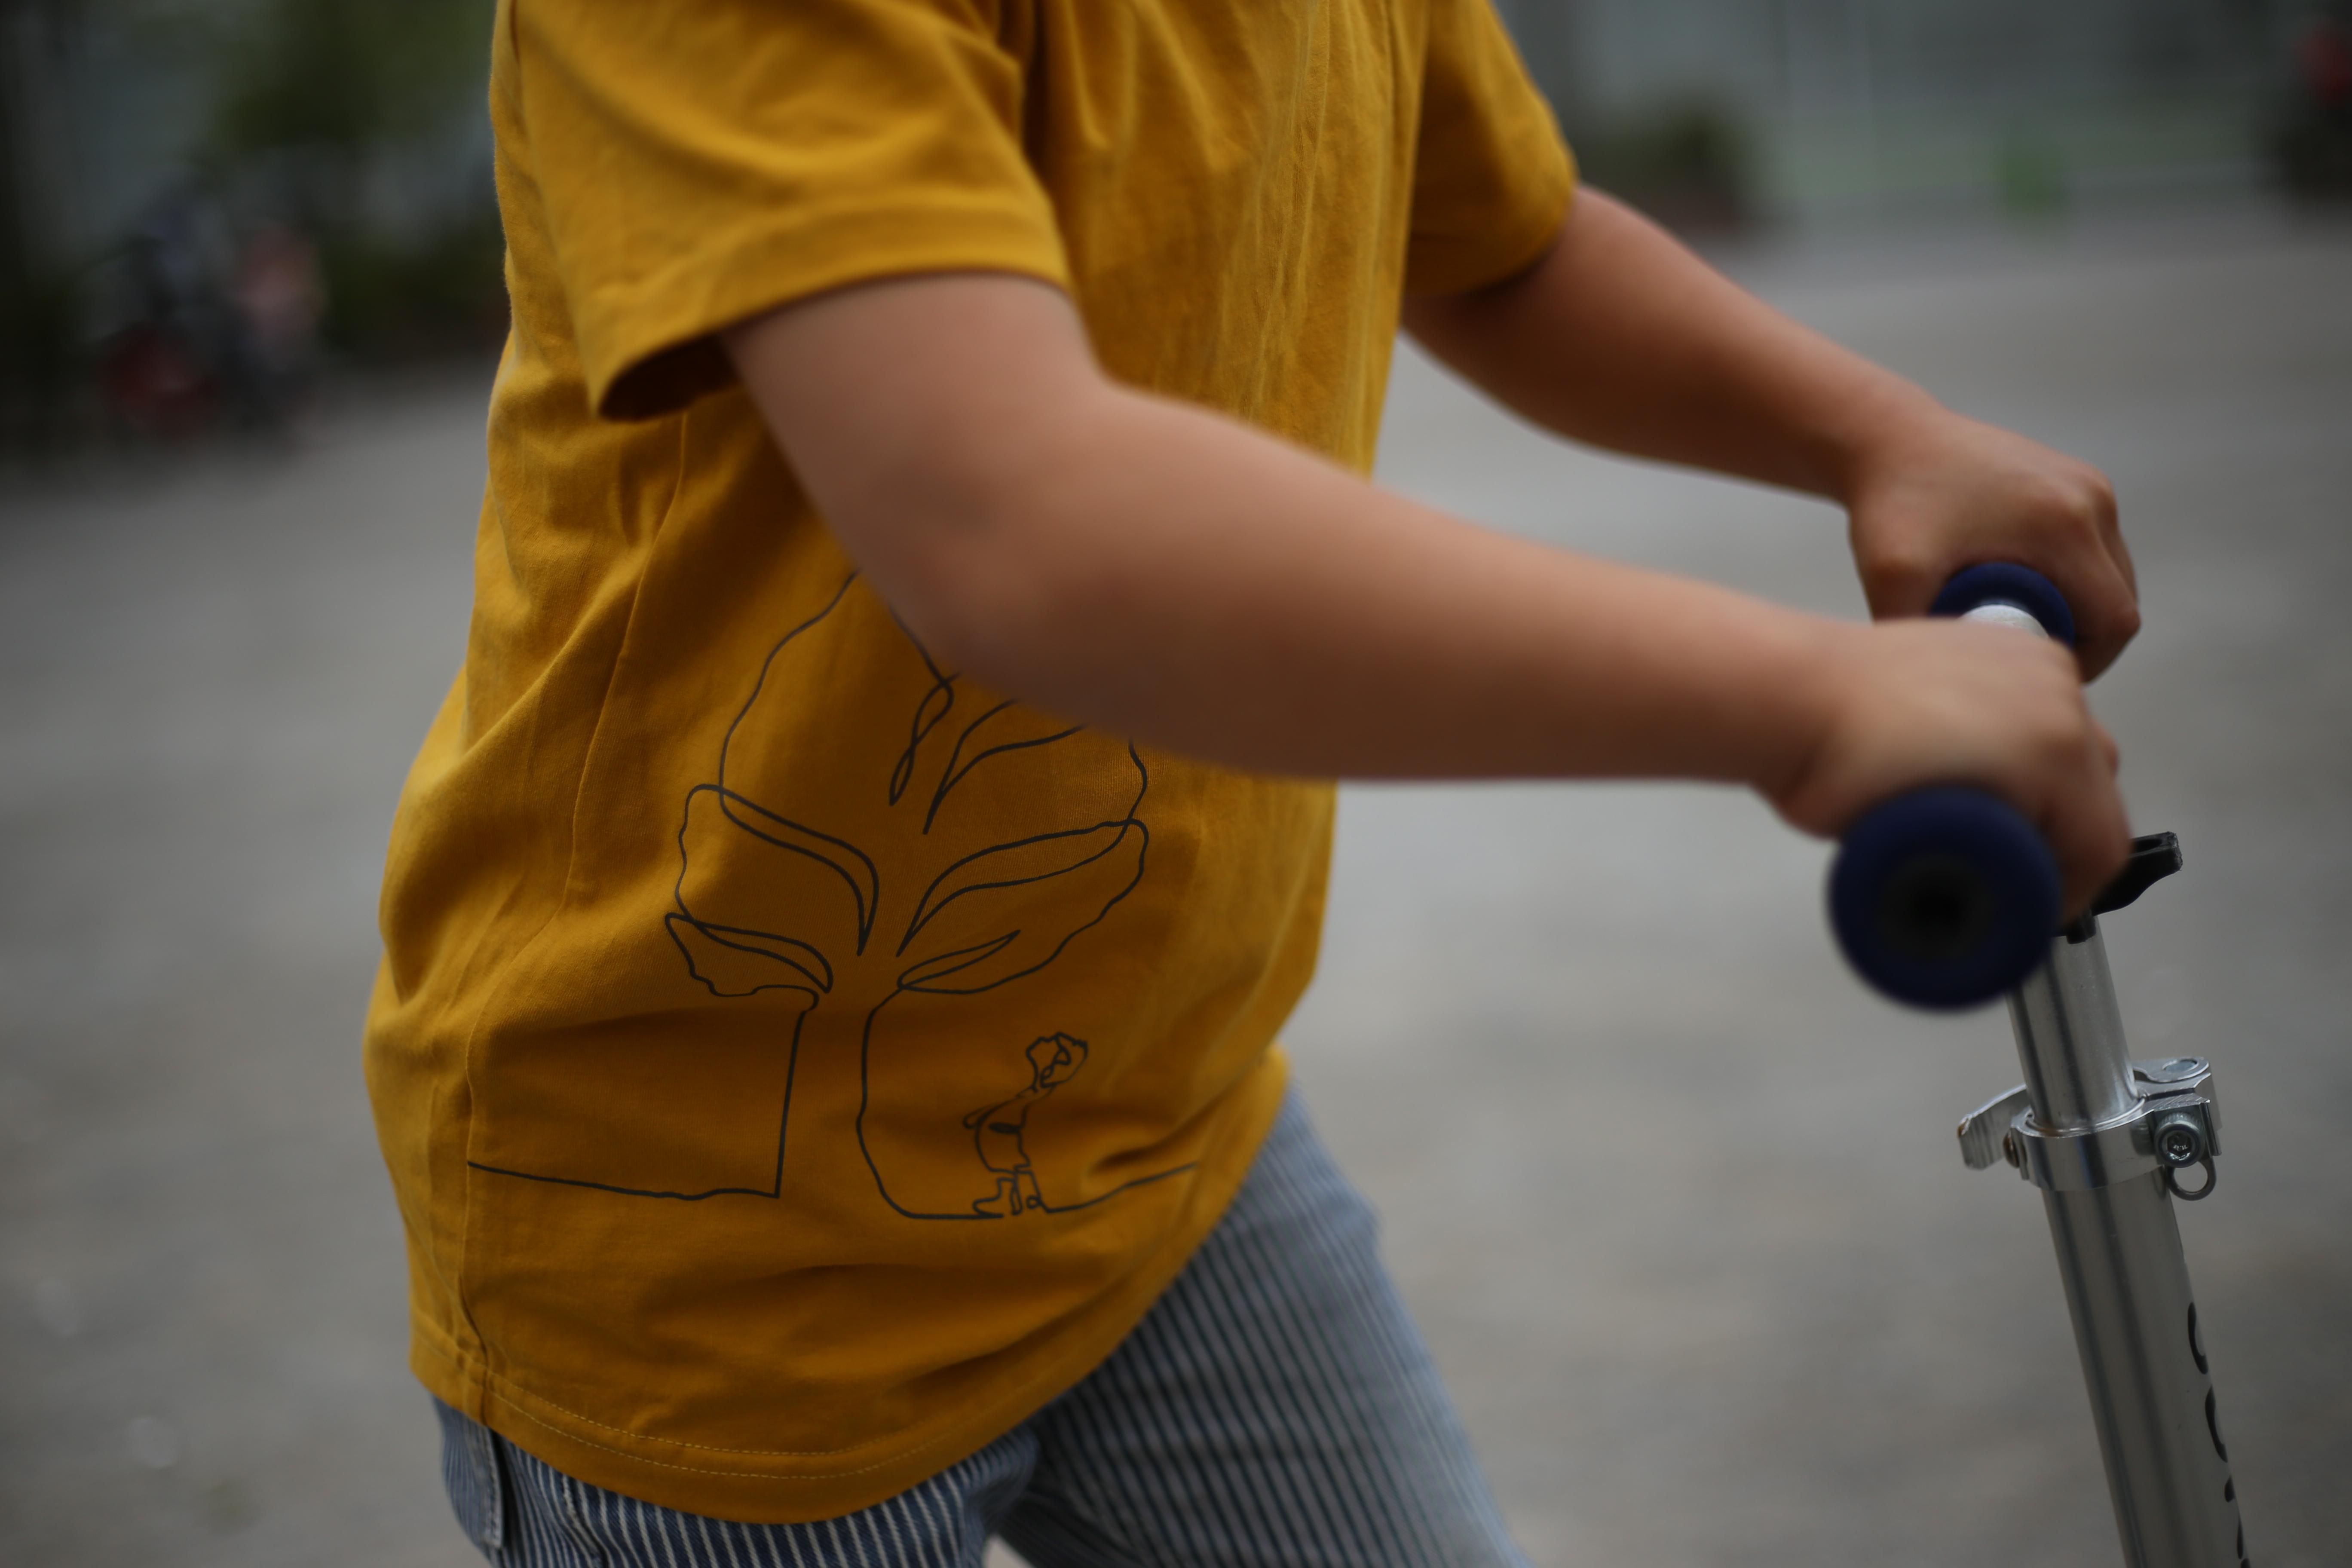 子供と公園で遊ぶ大人について考える